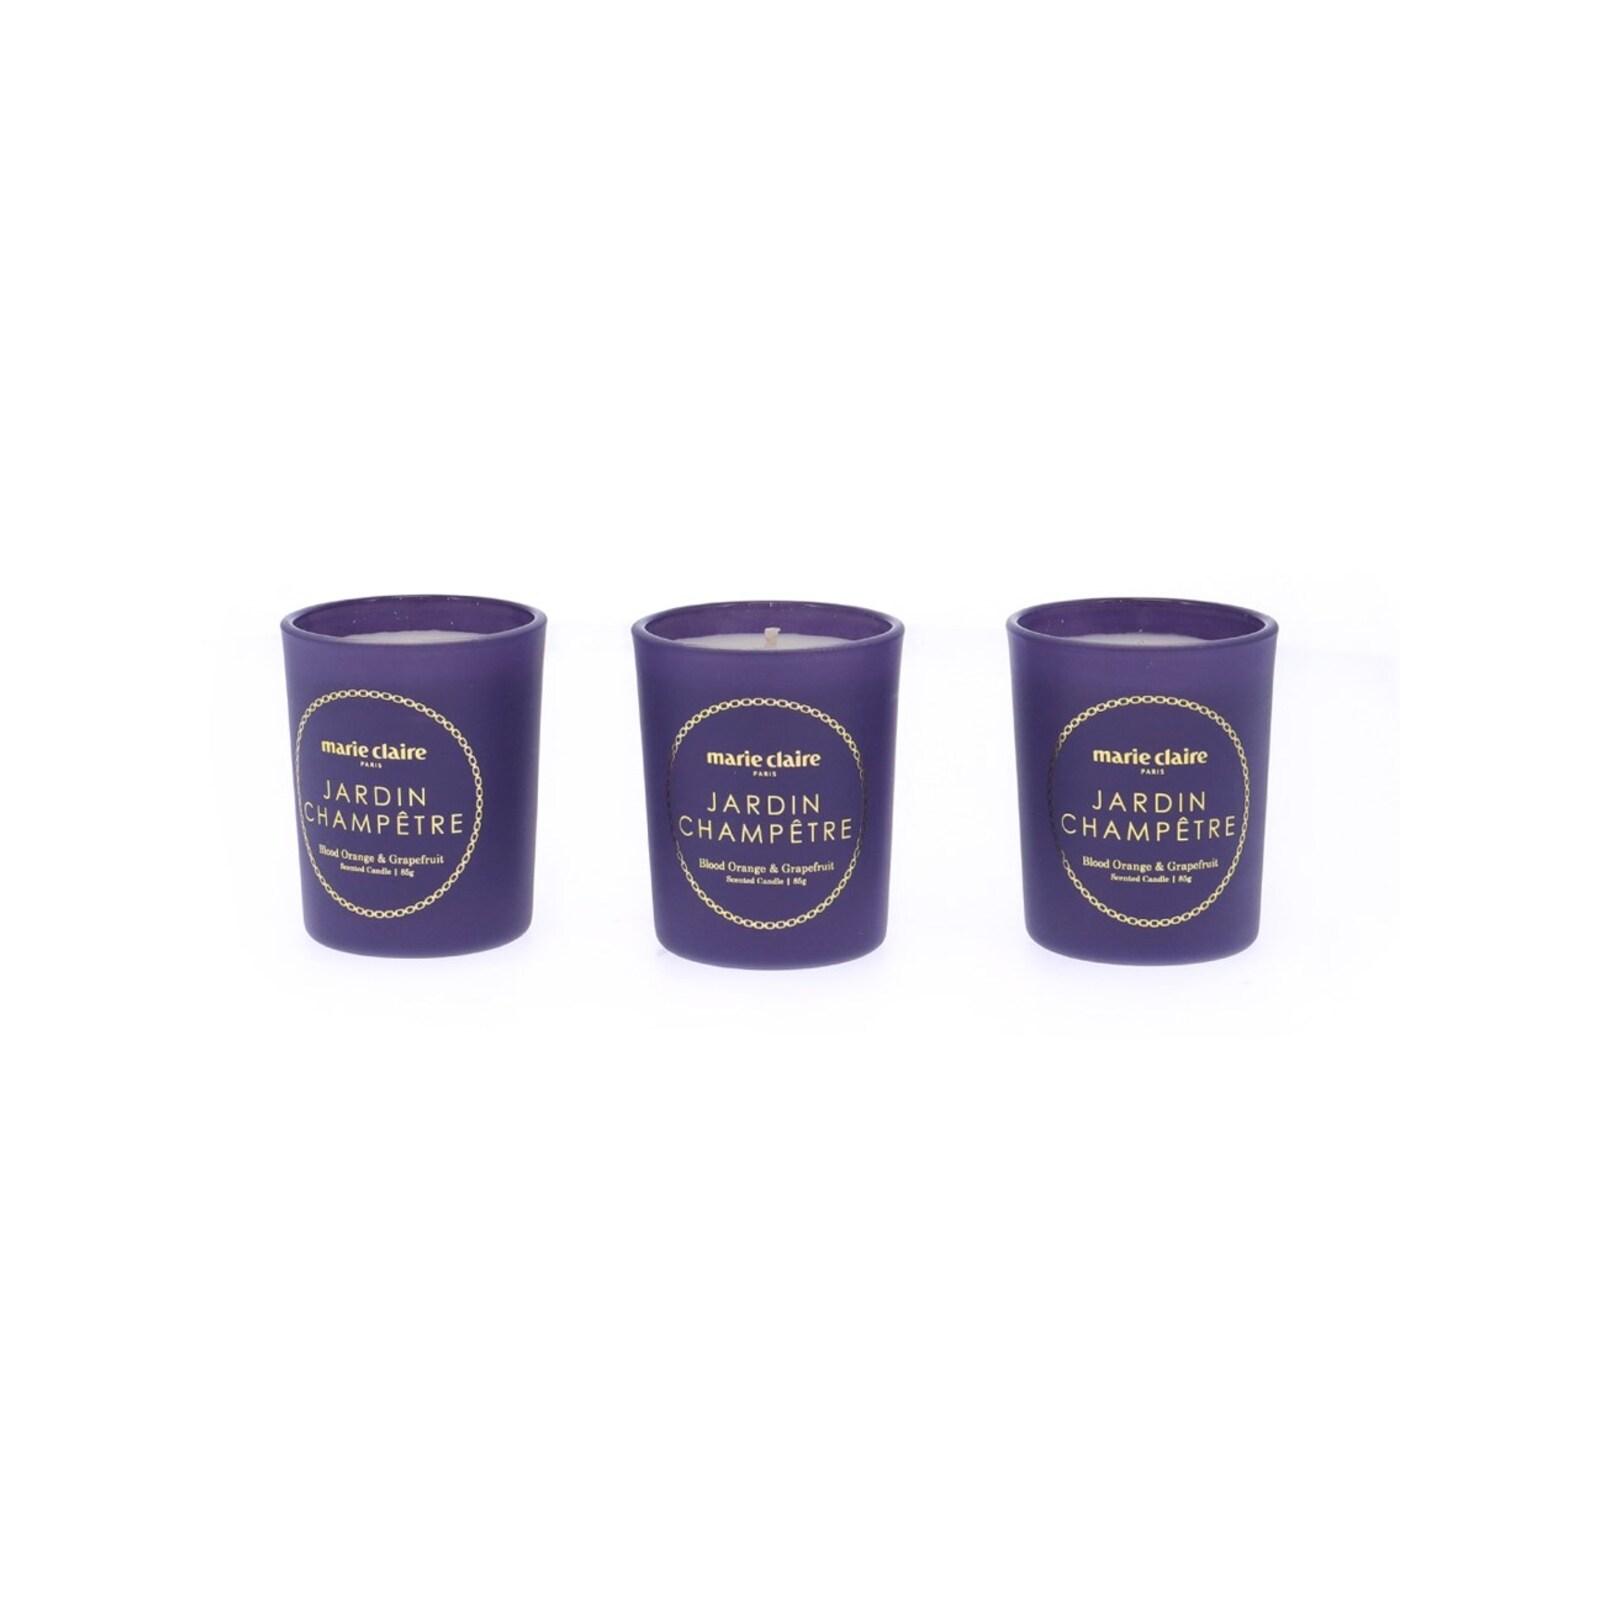 Marie Claire Jardin Champetre Fleur Votive Candle Set of 3 Blue